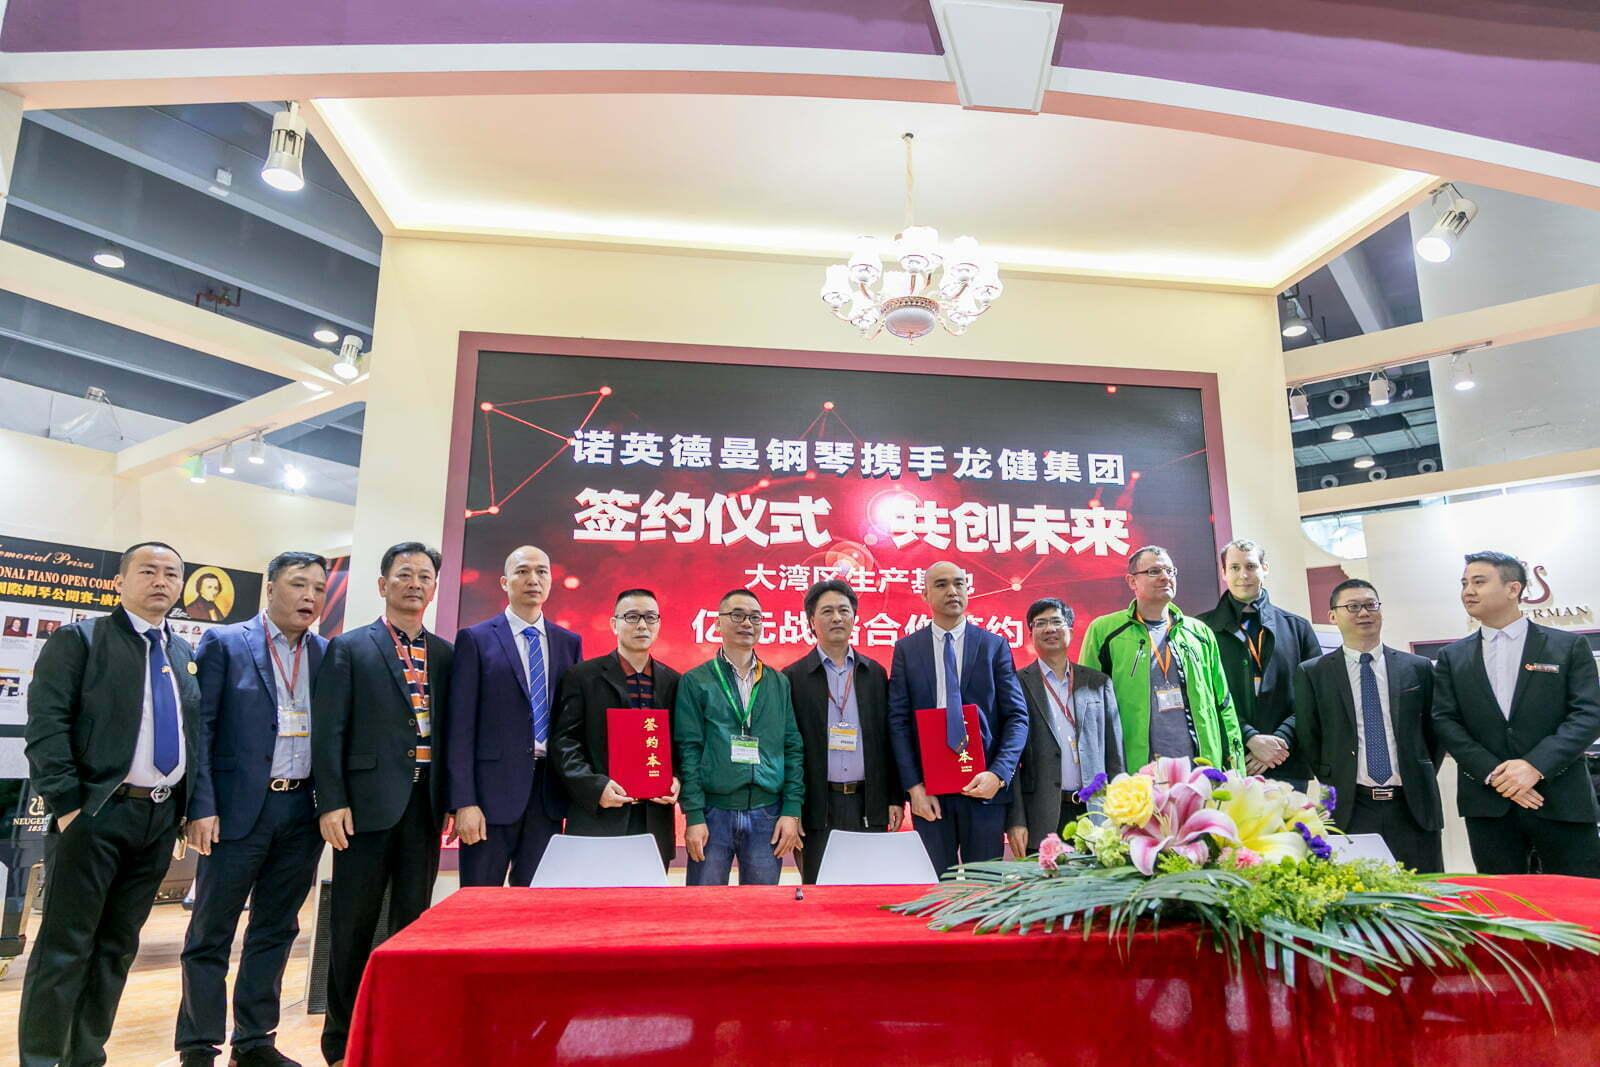 诺英德曼钢琴股份有限公司携手龙健集团正式签署亿元战略合作协议